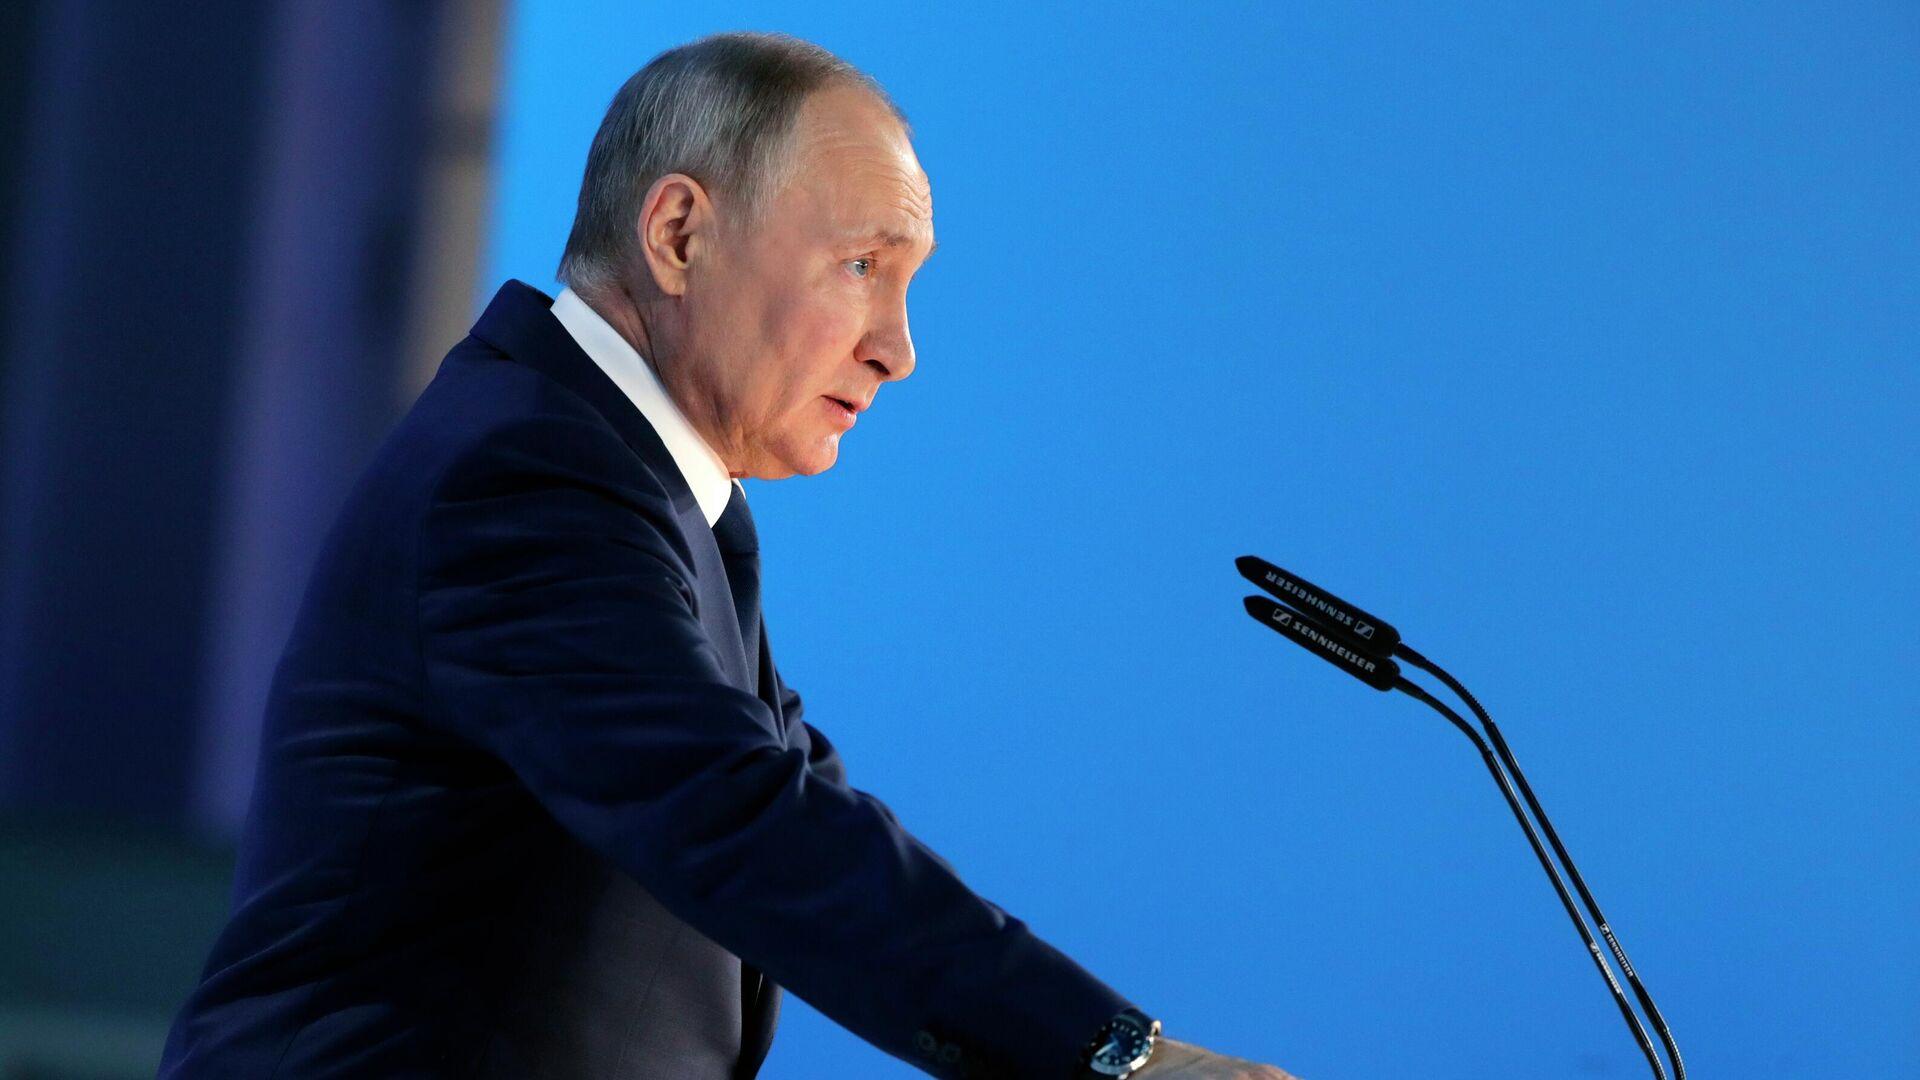 Ежегодное послание президента РФ Федеральному Собранию - Sputnik Таджикистан, 1920, 30.06.2021